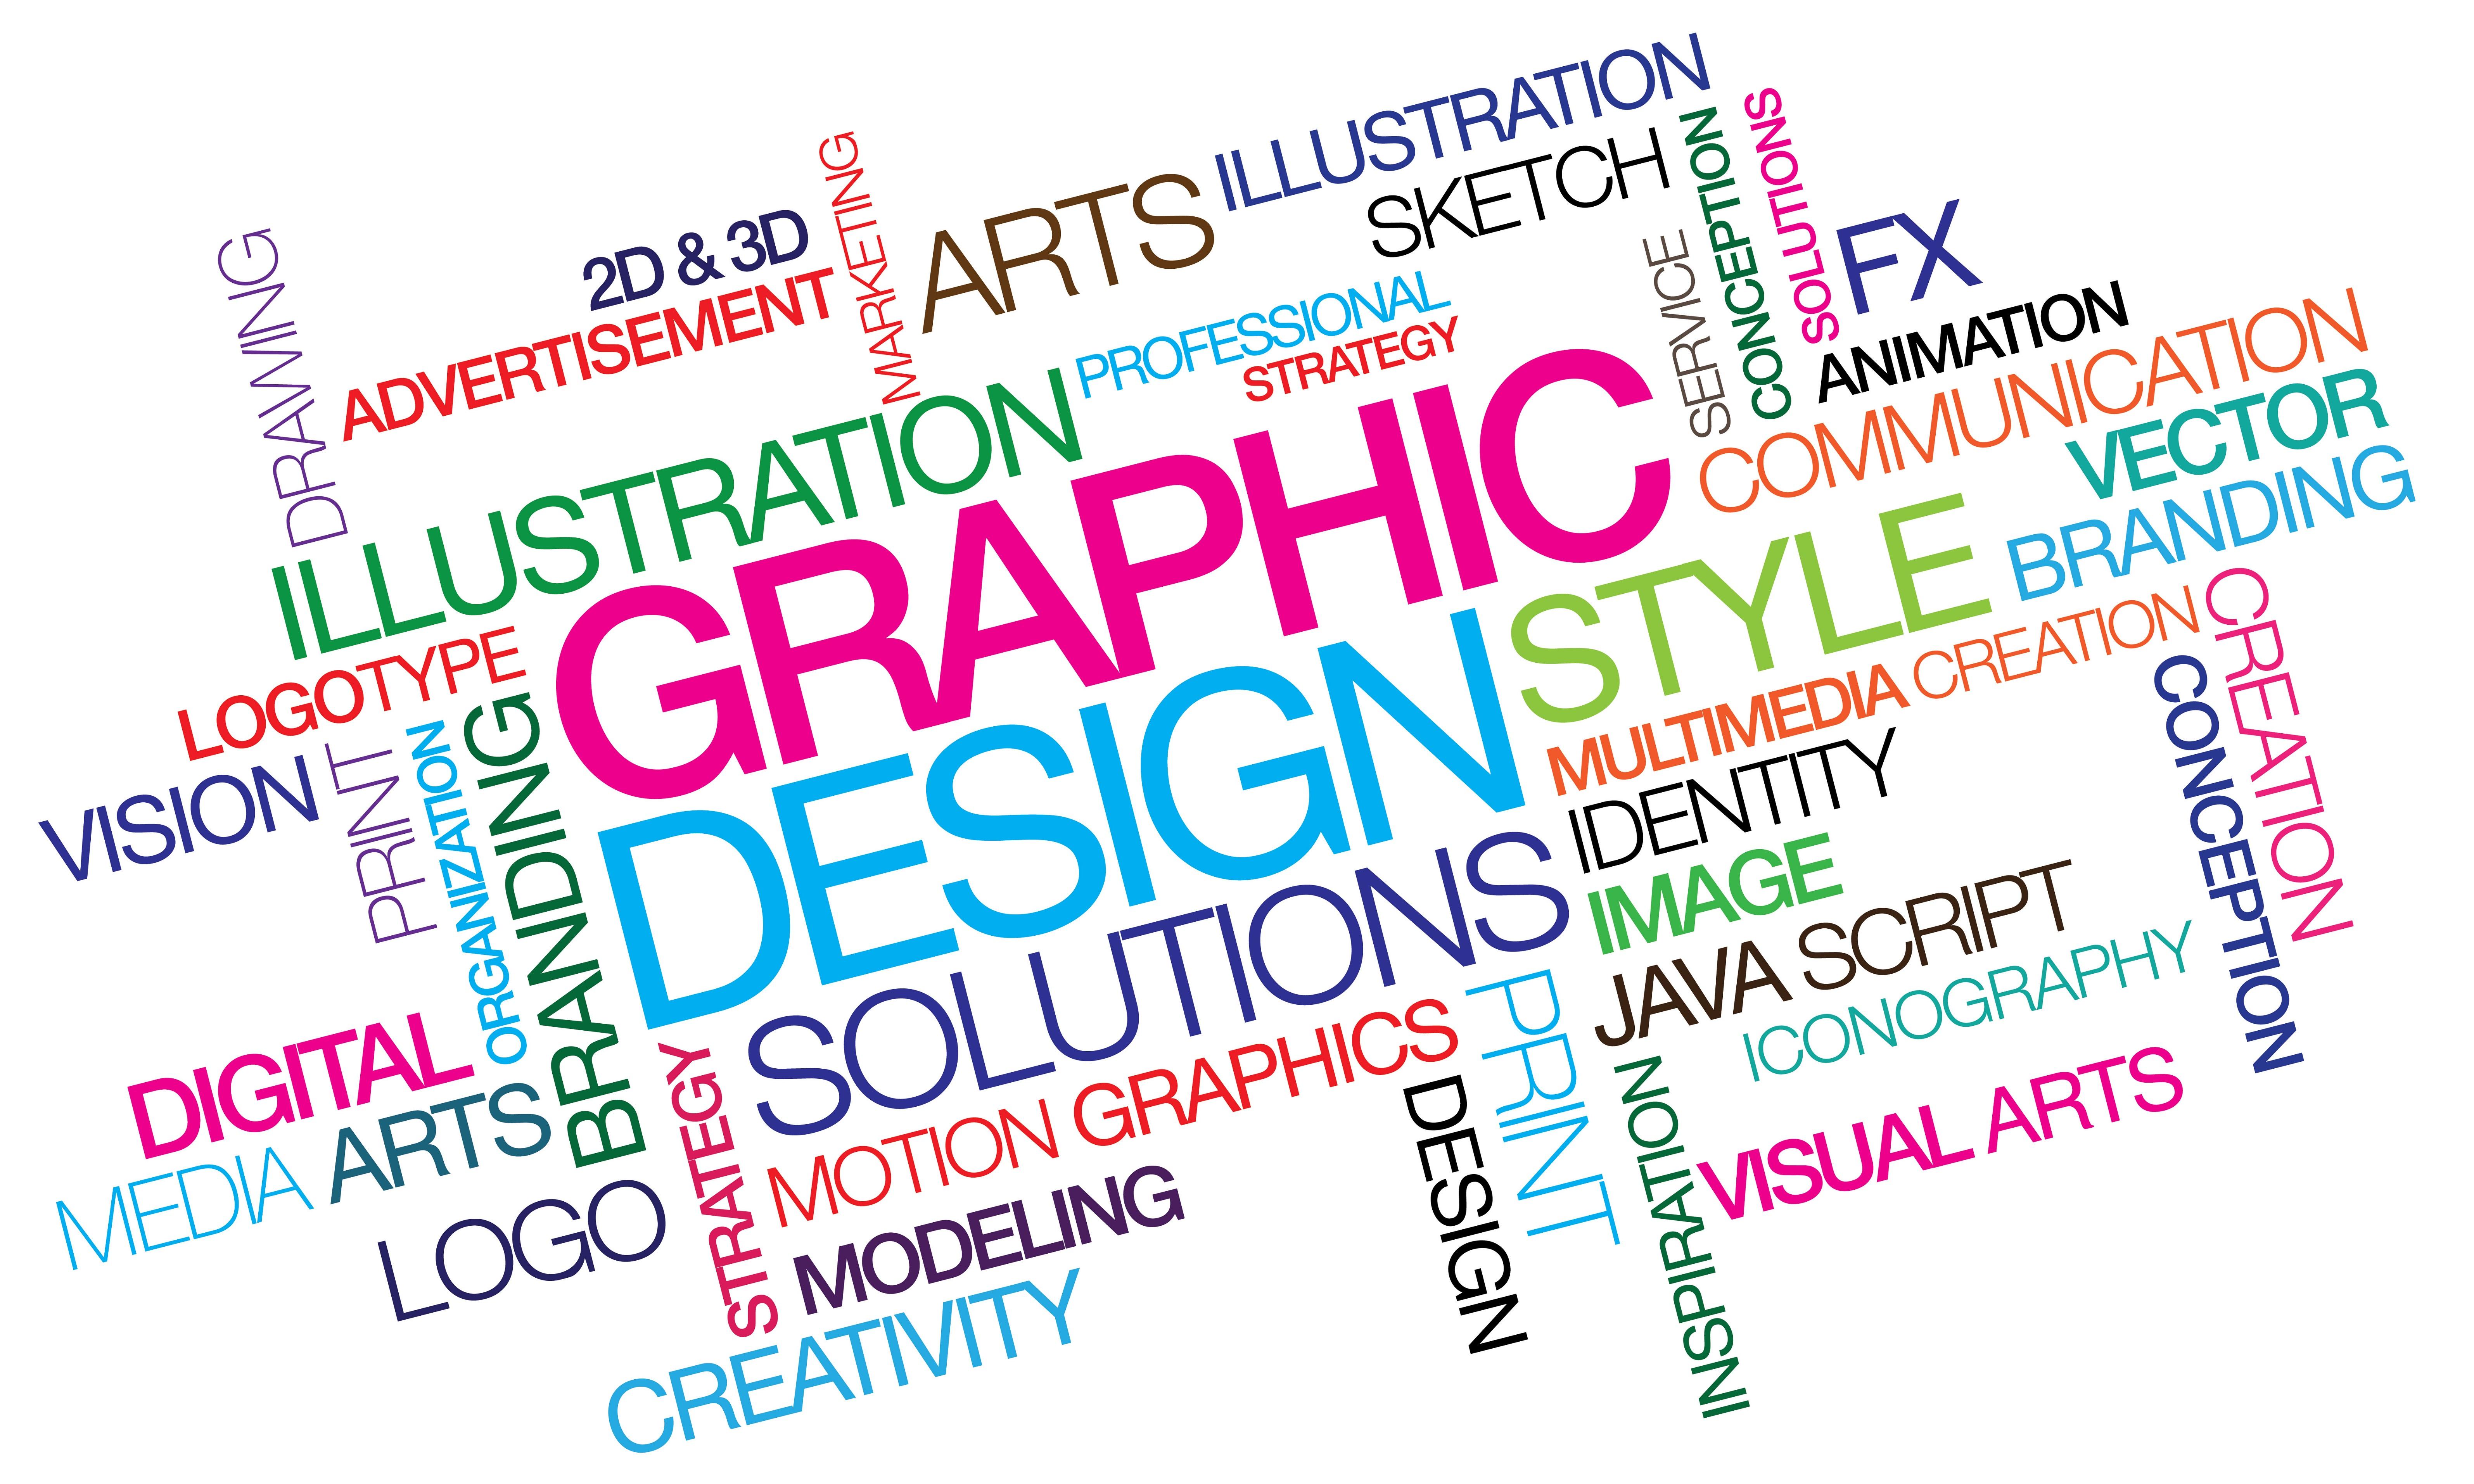 Le graphisme et communication visuelle